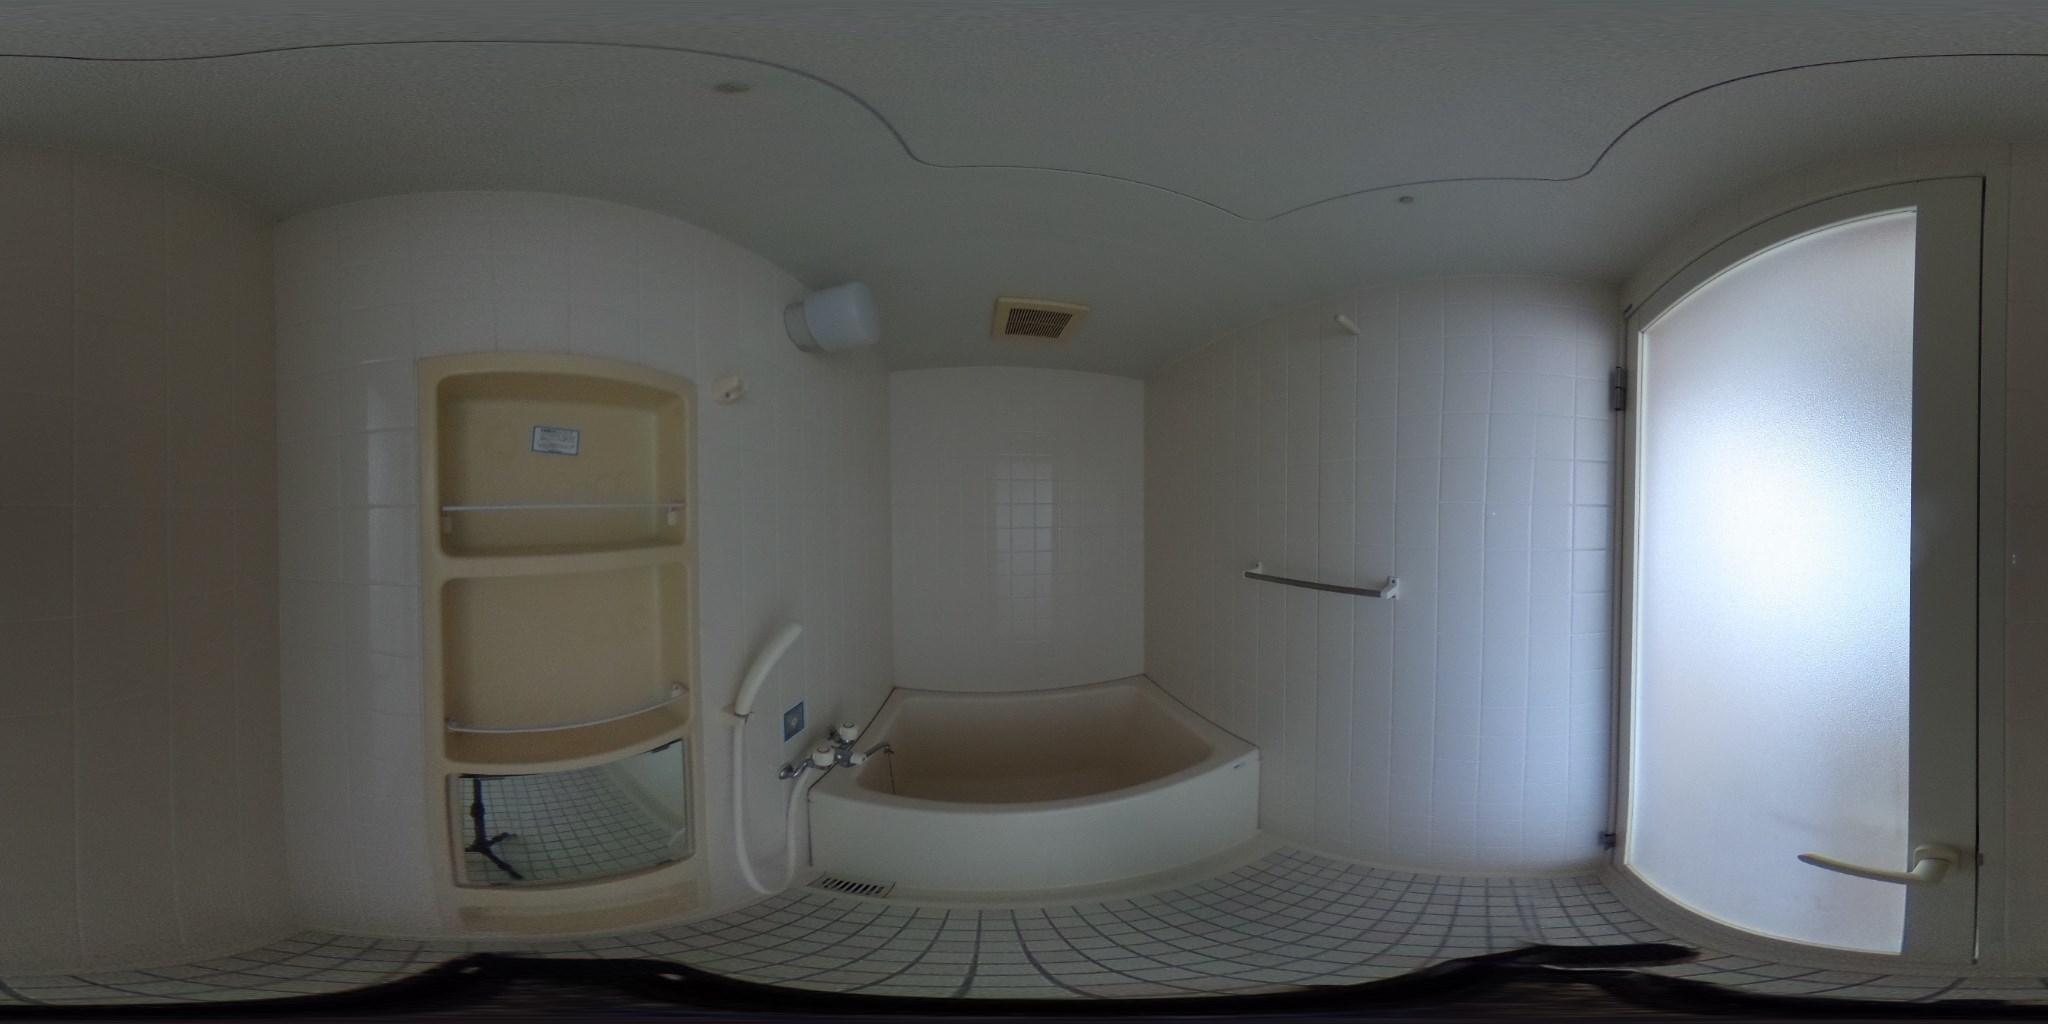 フジハイコート 風呂画像